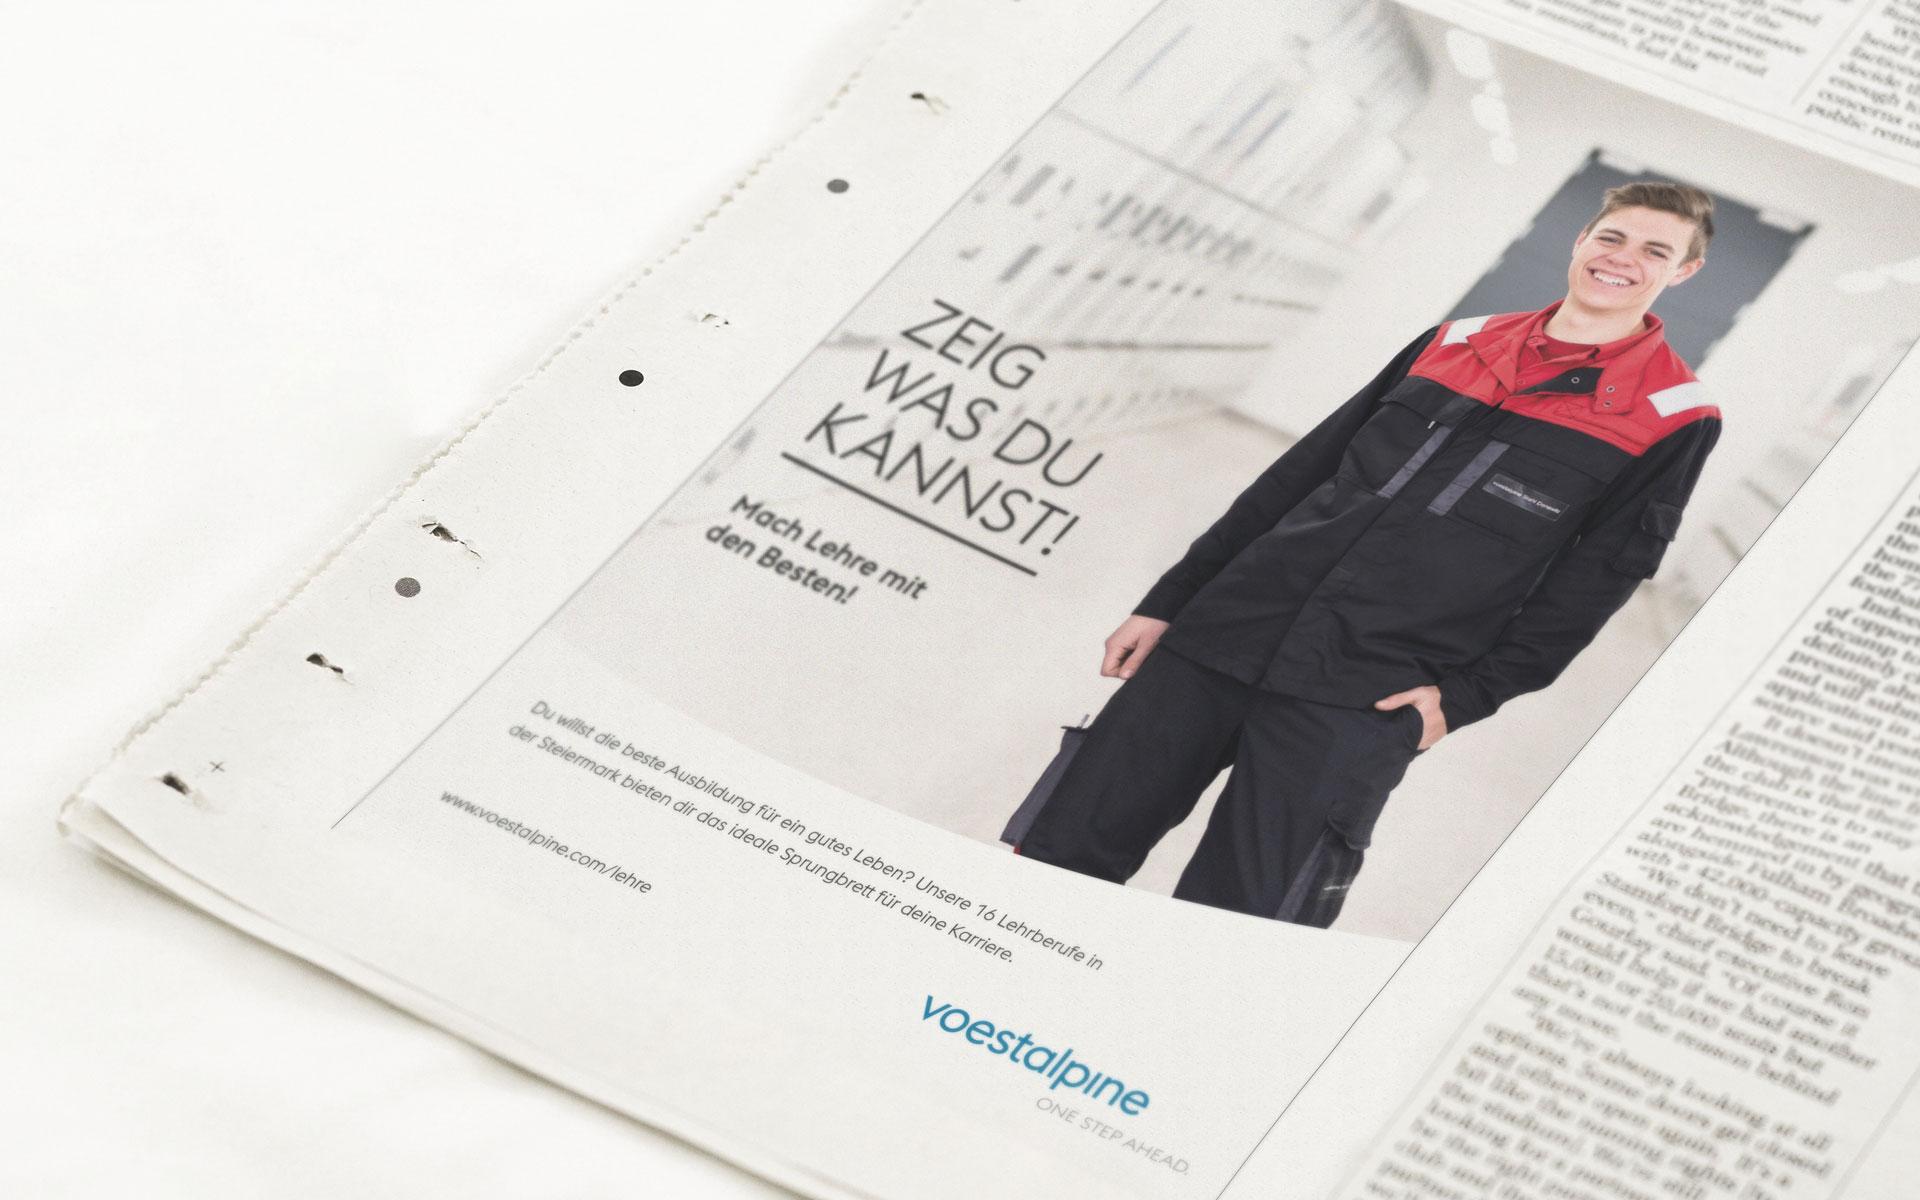 Lehrlingskampagne für die voestalpine von der Werbeagentur look! design